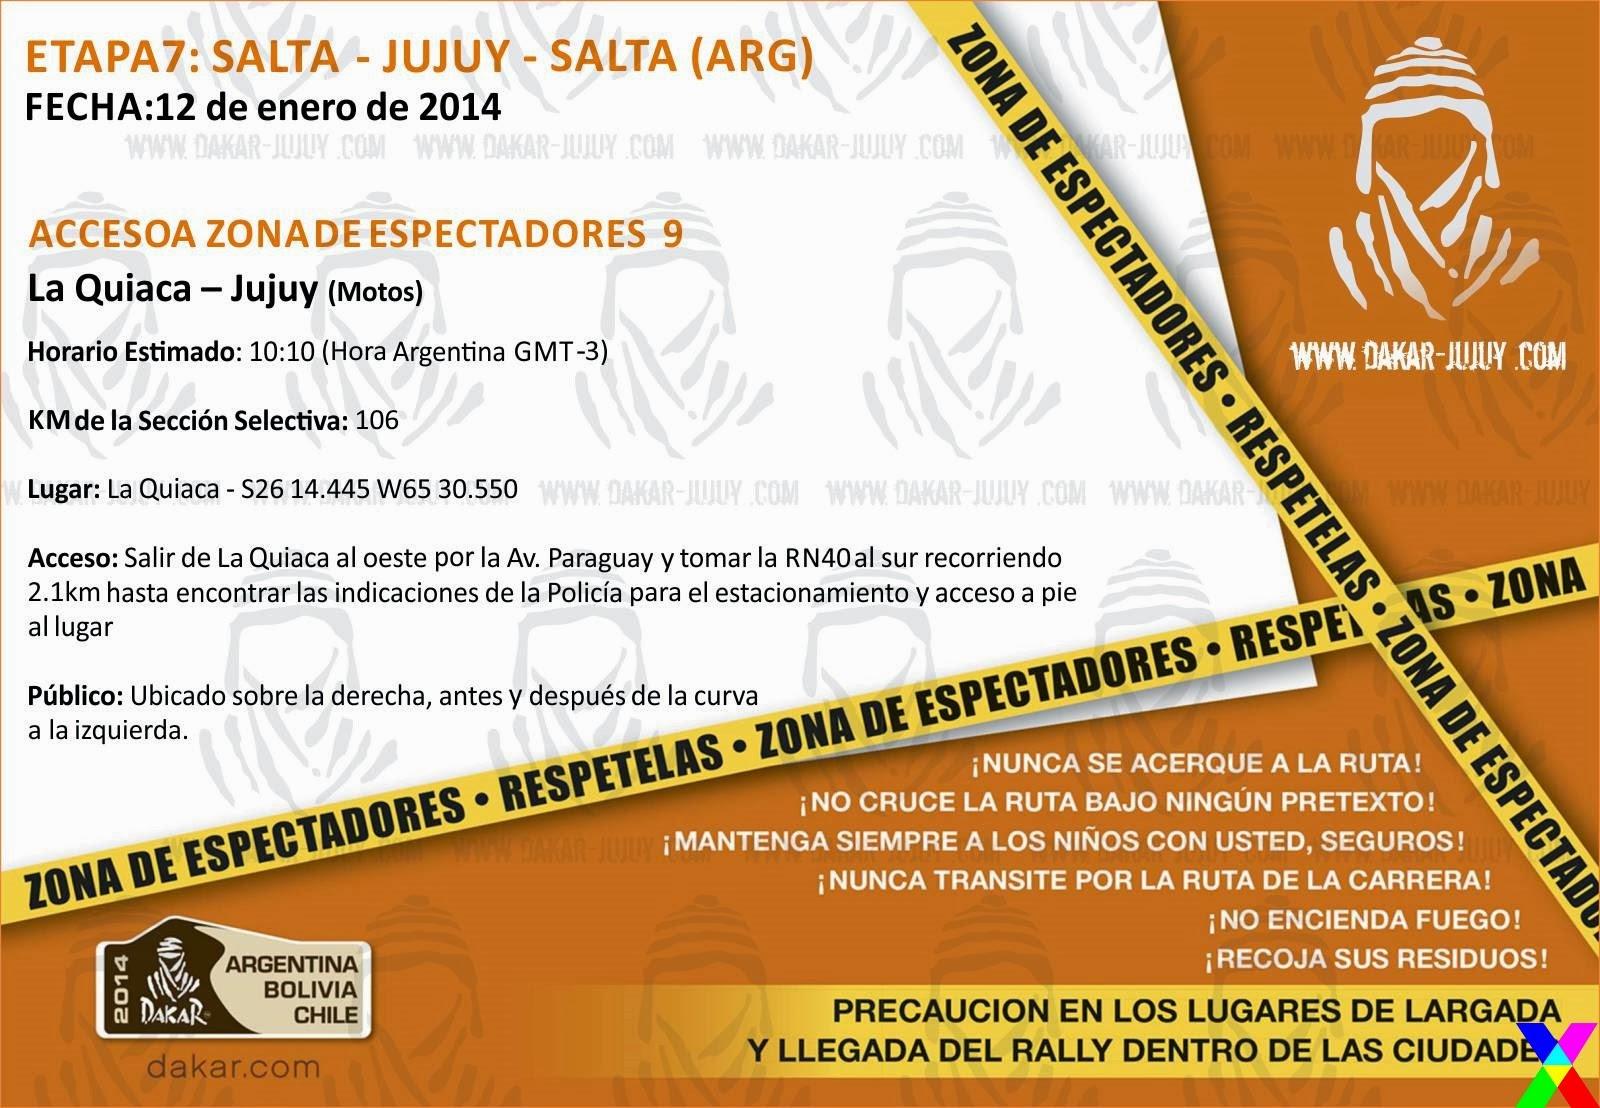 Zona de Espectadores 9 Jujuy - Dakar 2014